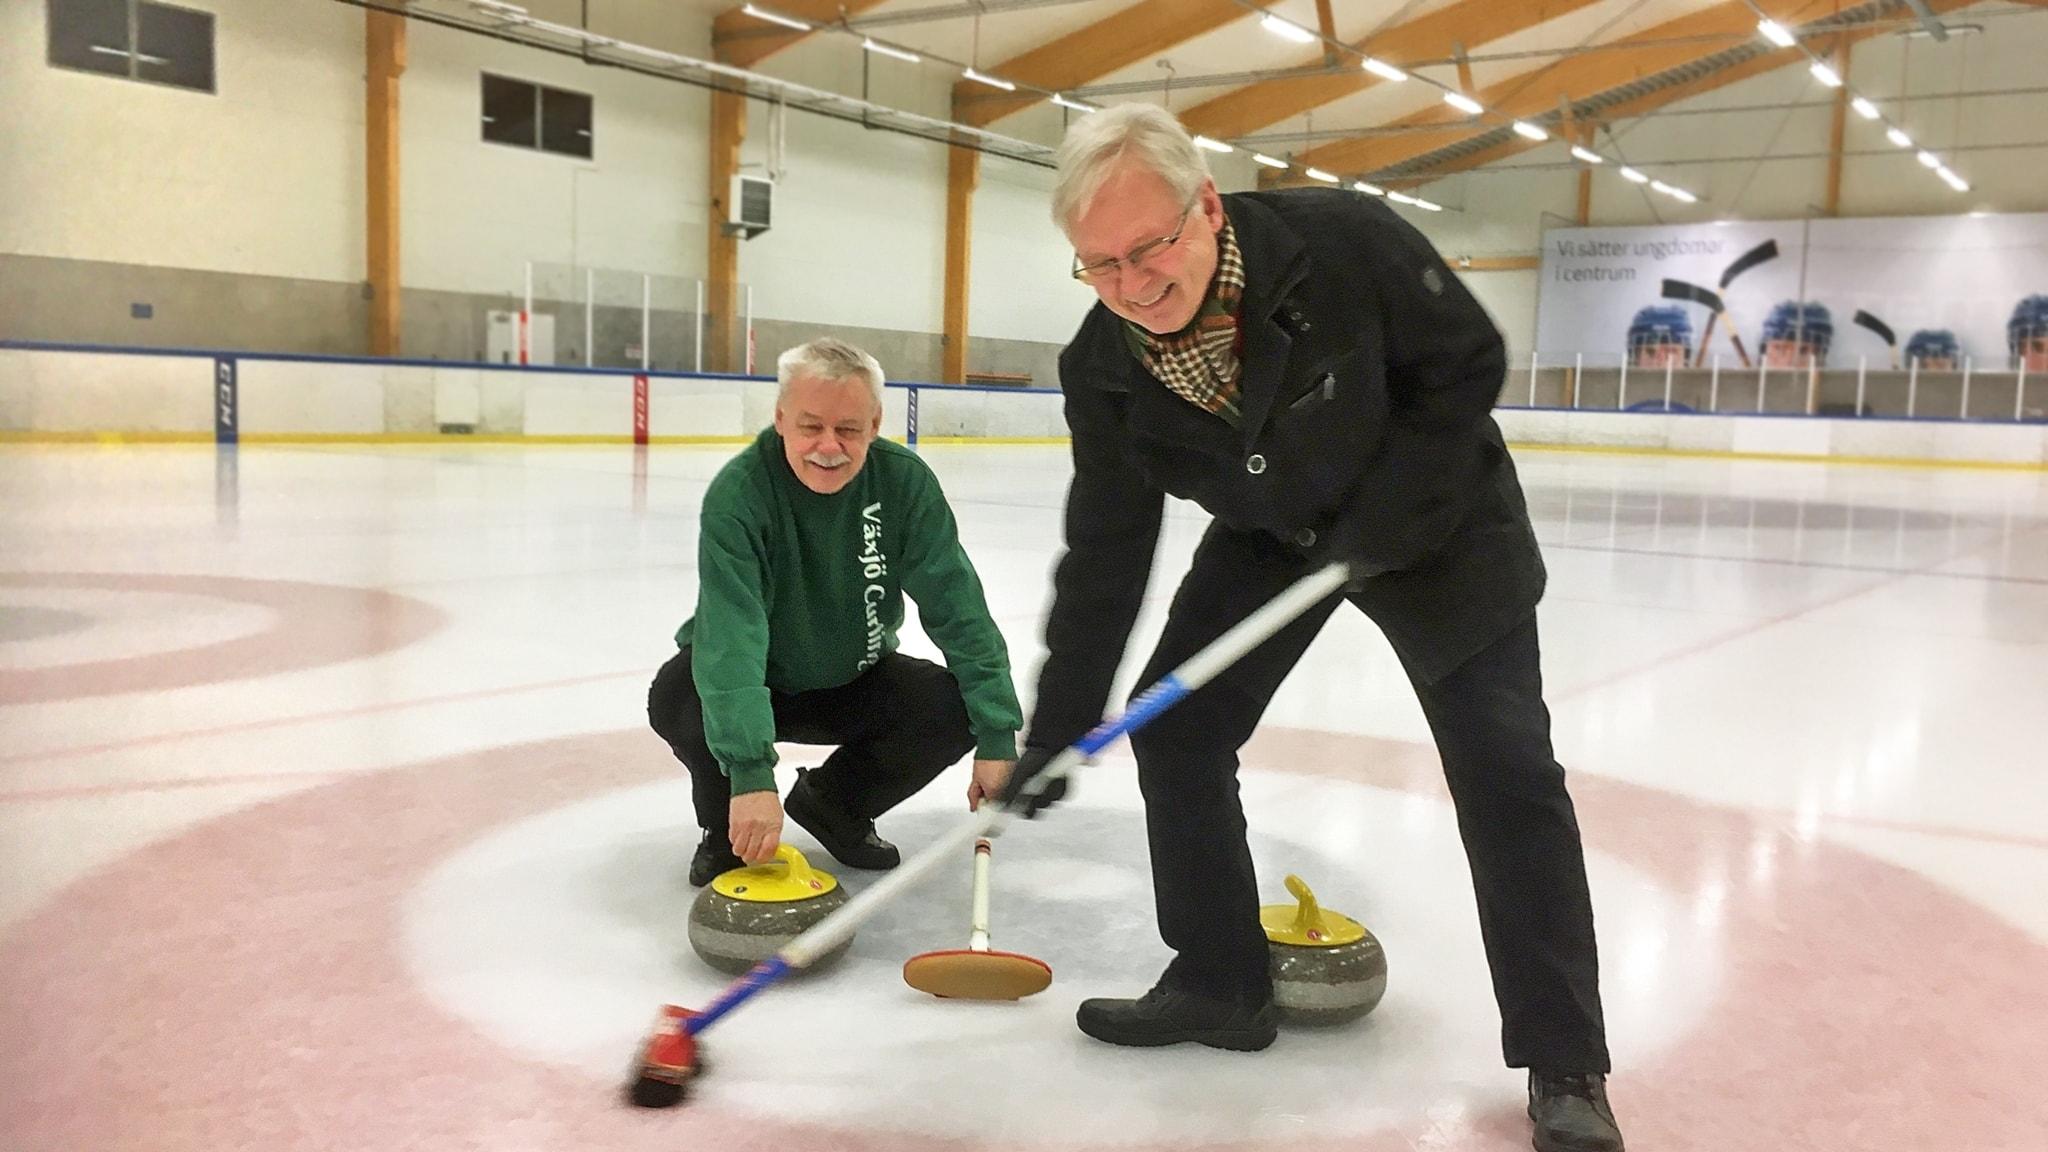 Tyngdtäcken hjälper vid sömnsvårigheter och curling i fokus vid OS-invigning.